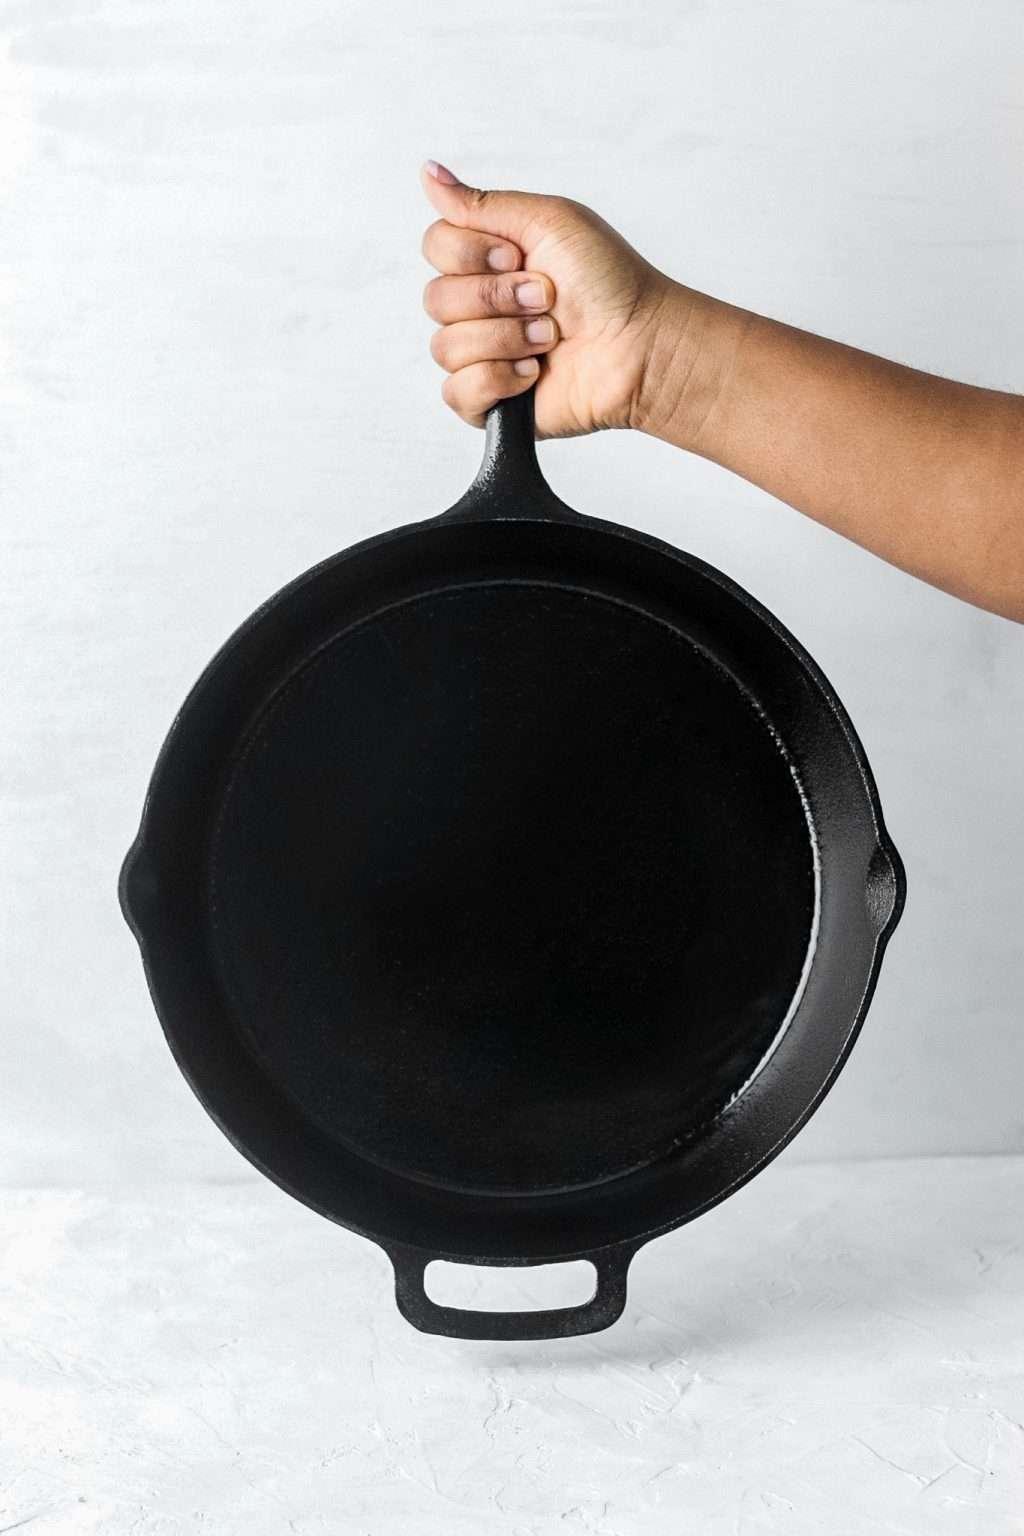 kitchen essentials every cook needs  5991 1024x1536 - 5 Kitchen Essentials Every Cook Needs To Be More Productive